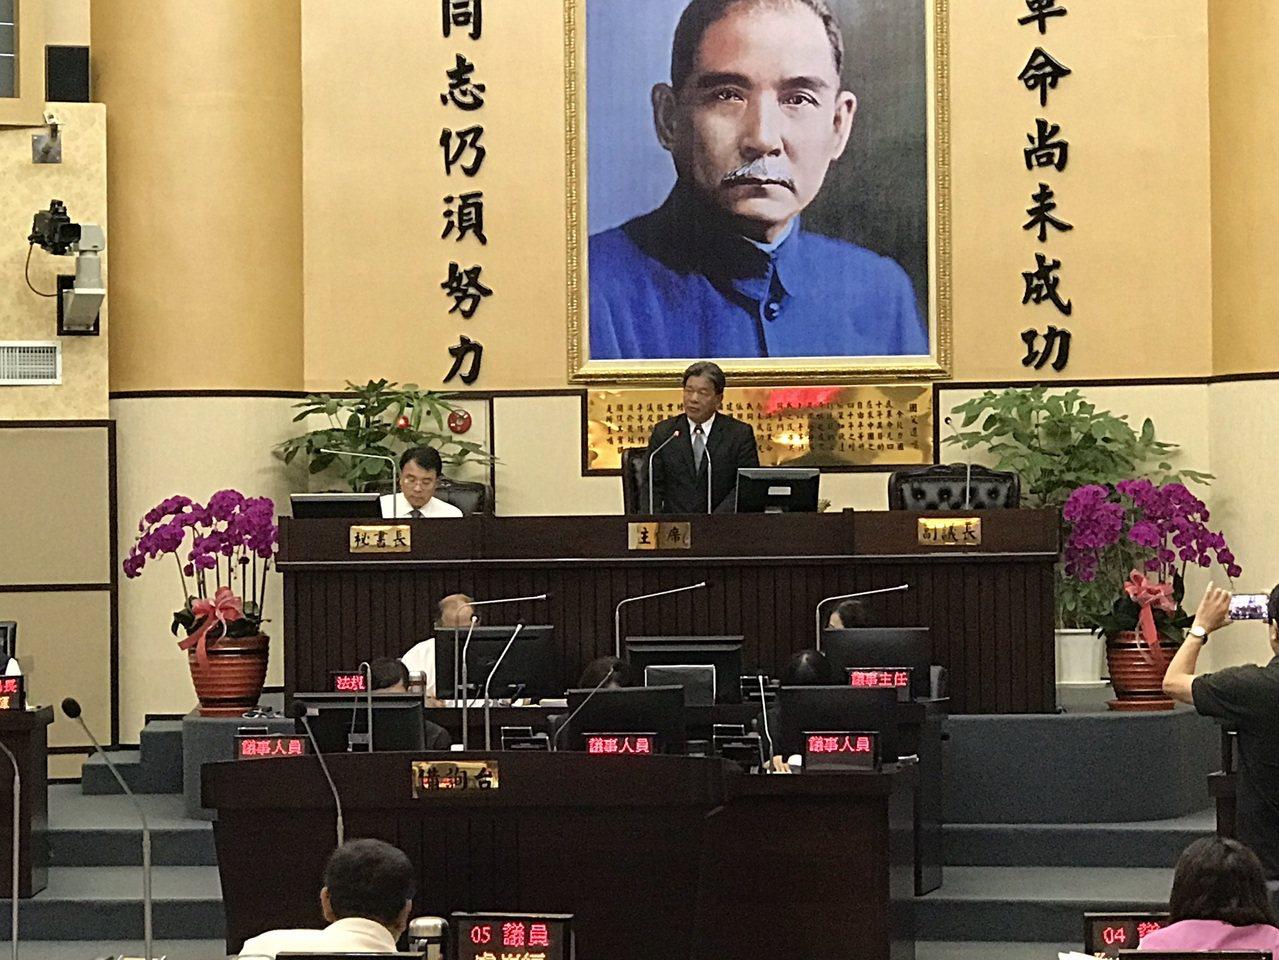 針對反送中抗爭,台南市議會今天通過對香港政府及中華人民共和國的譴責案。記者鄭維真...